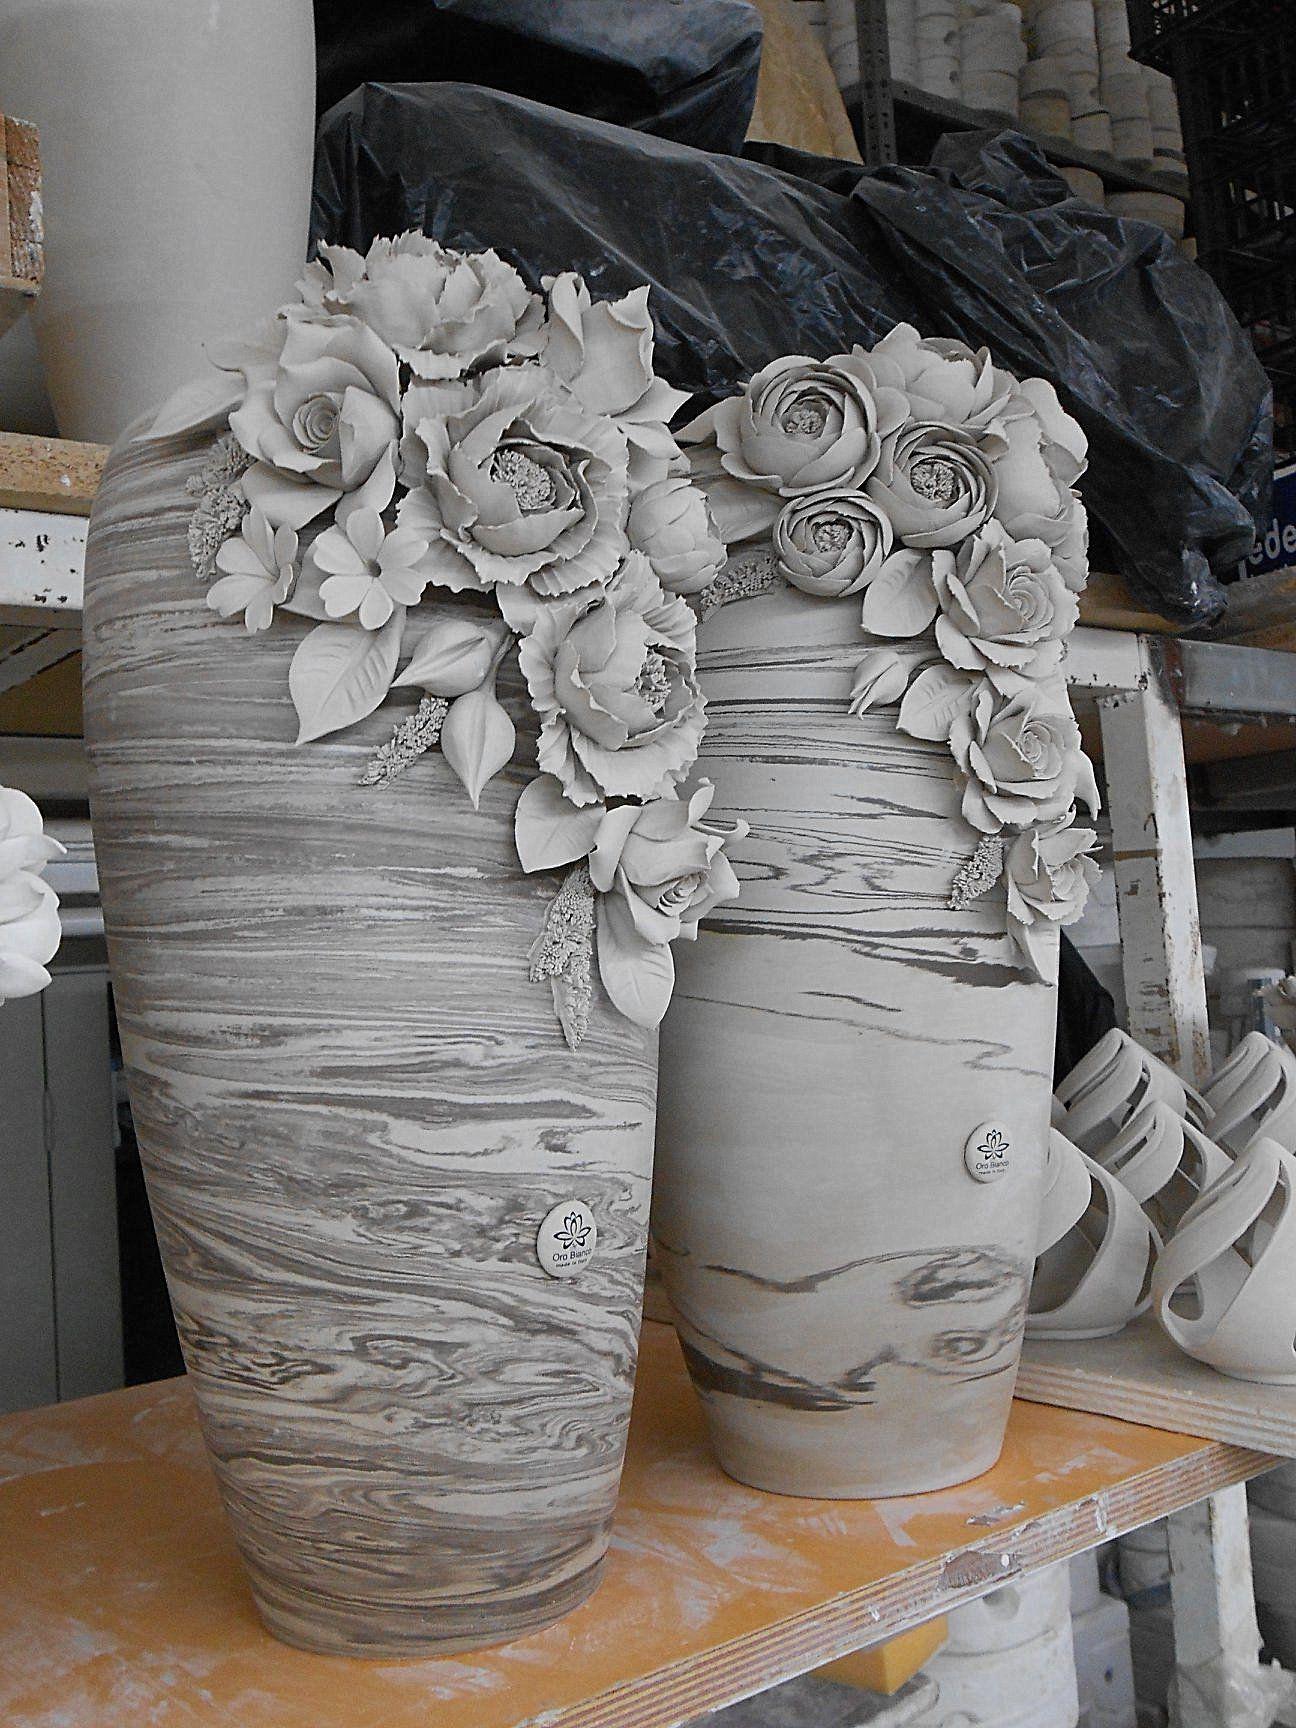 Altri piccoli oggetti in ceramica che trovo deliziosi. Vasi E Complementi In Porcellana Fatti A Mano Piccoli Capolavori In Porcellana Di Capodimonte U Creazioni In Argilla Sculture In Ceramica Sculture Di Argilla